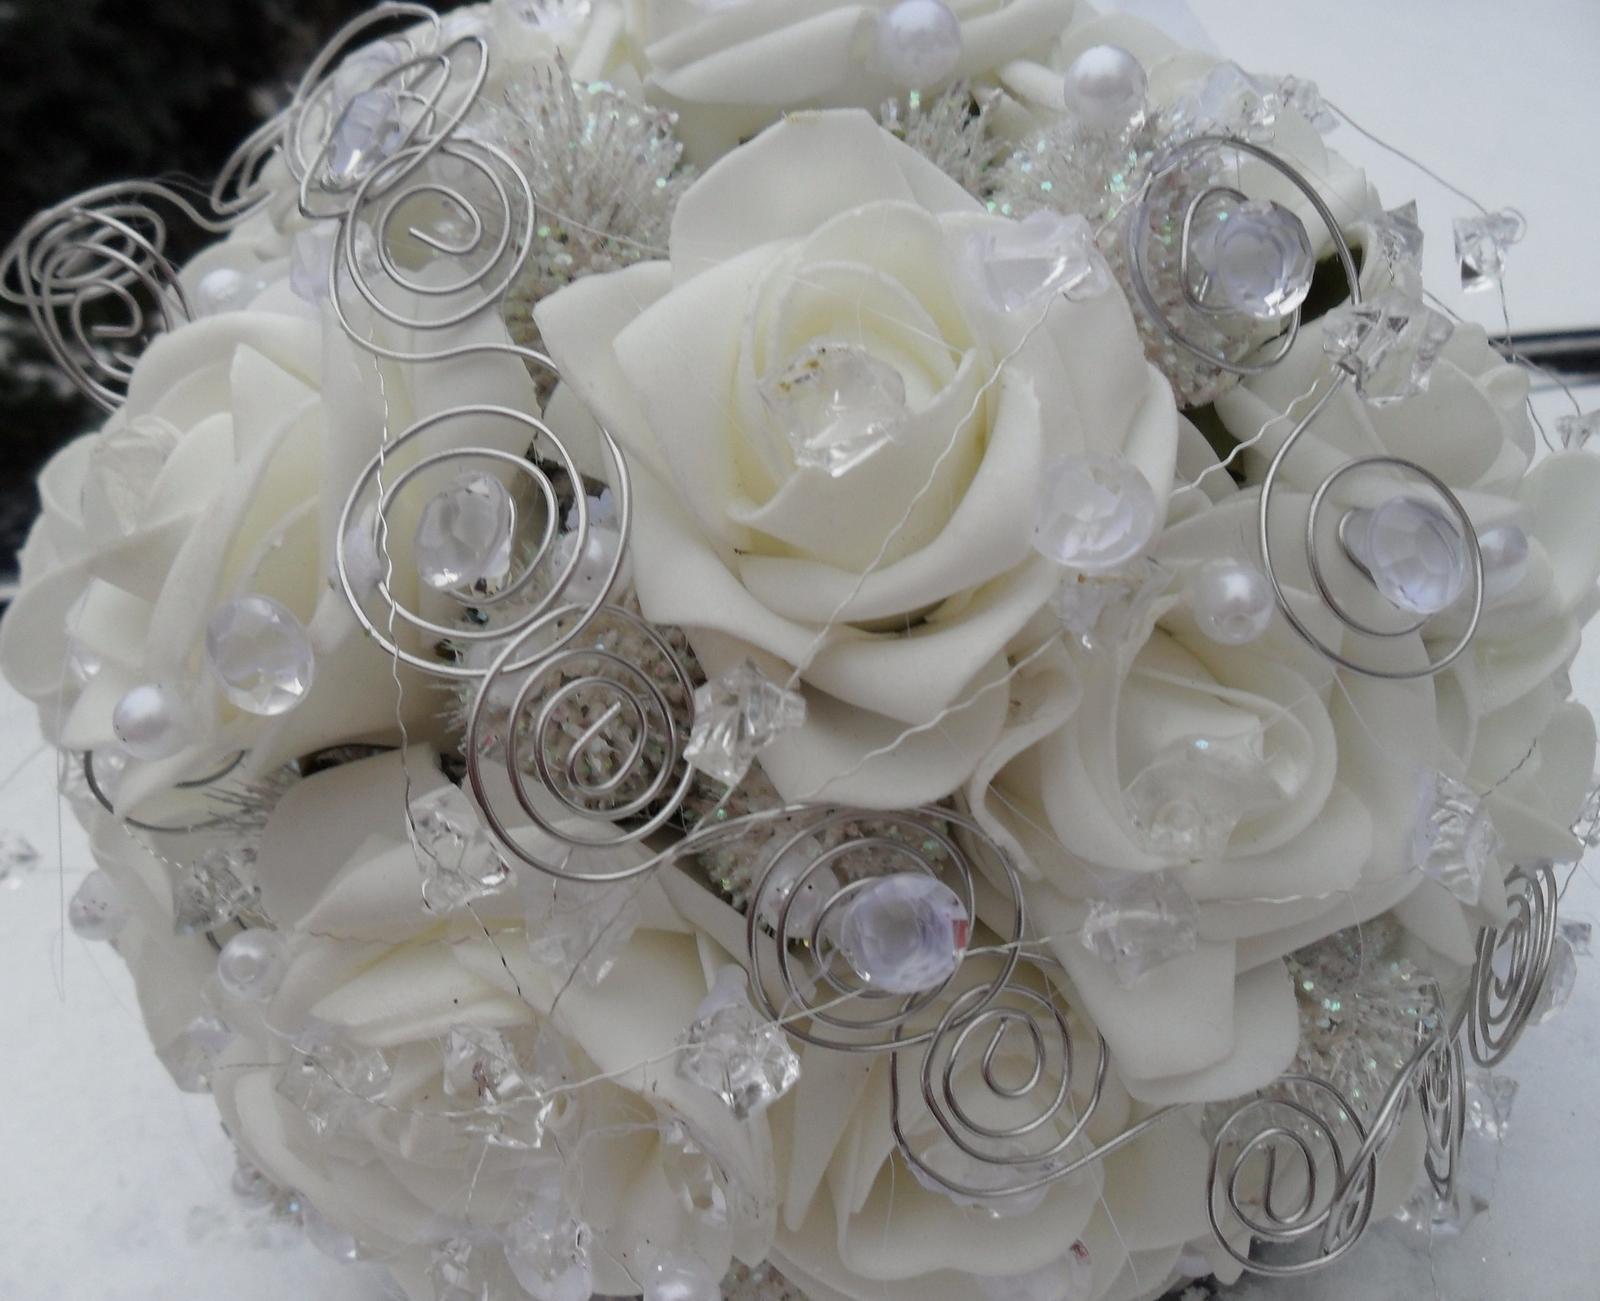 Netradiční svatební kytice - pěnové růžičky + polštářky pod prstýnky, košíčky - Svatební kytice - bílý diamant